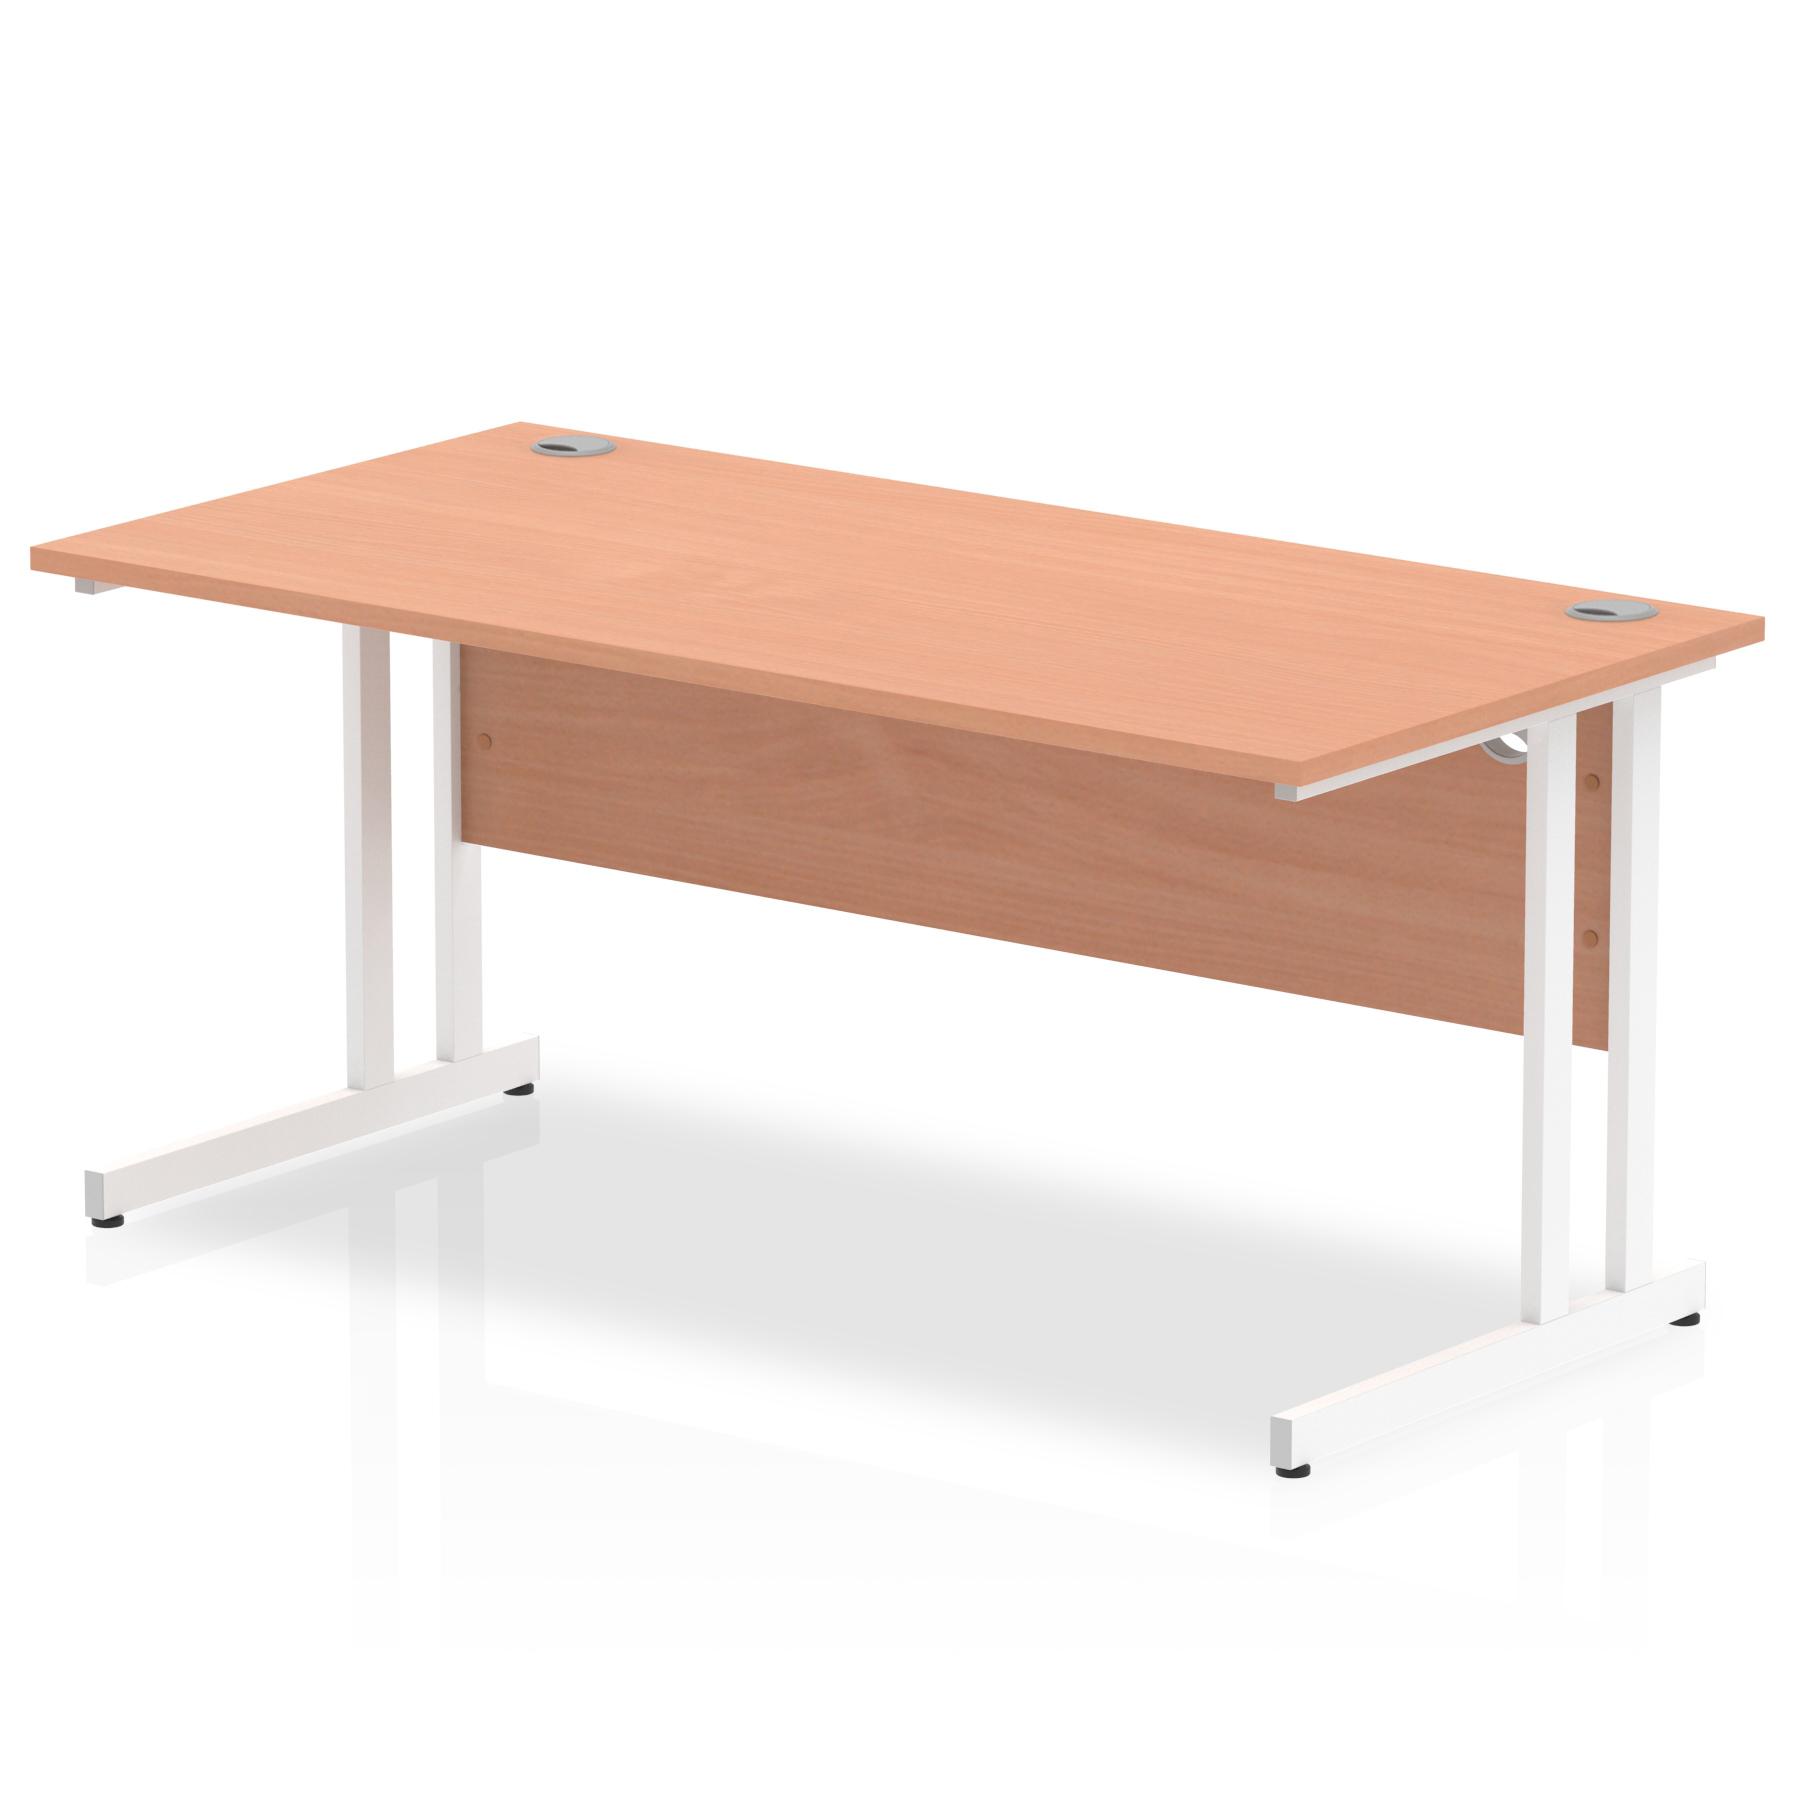 Rectangular Desks Impulse 1600 x 800mm Straight Desk Beech Top White Cantilever Leg MI001676